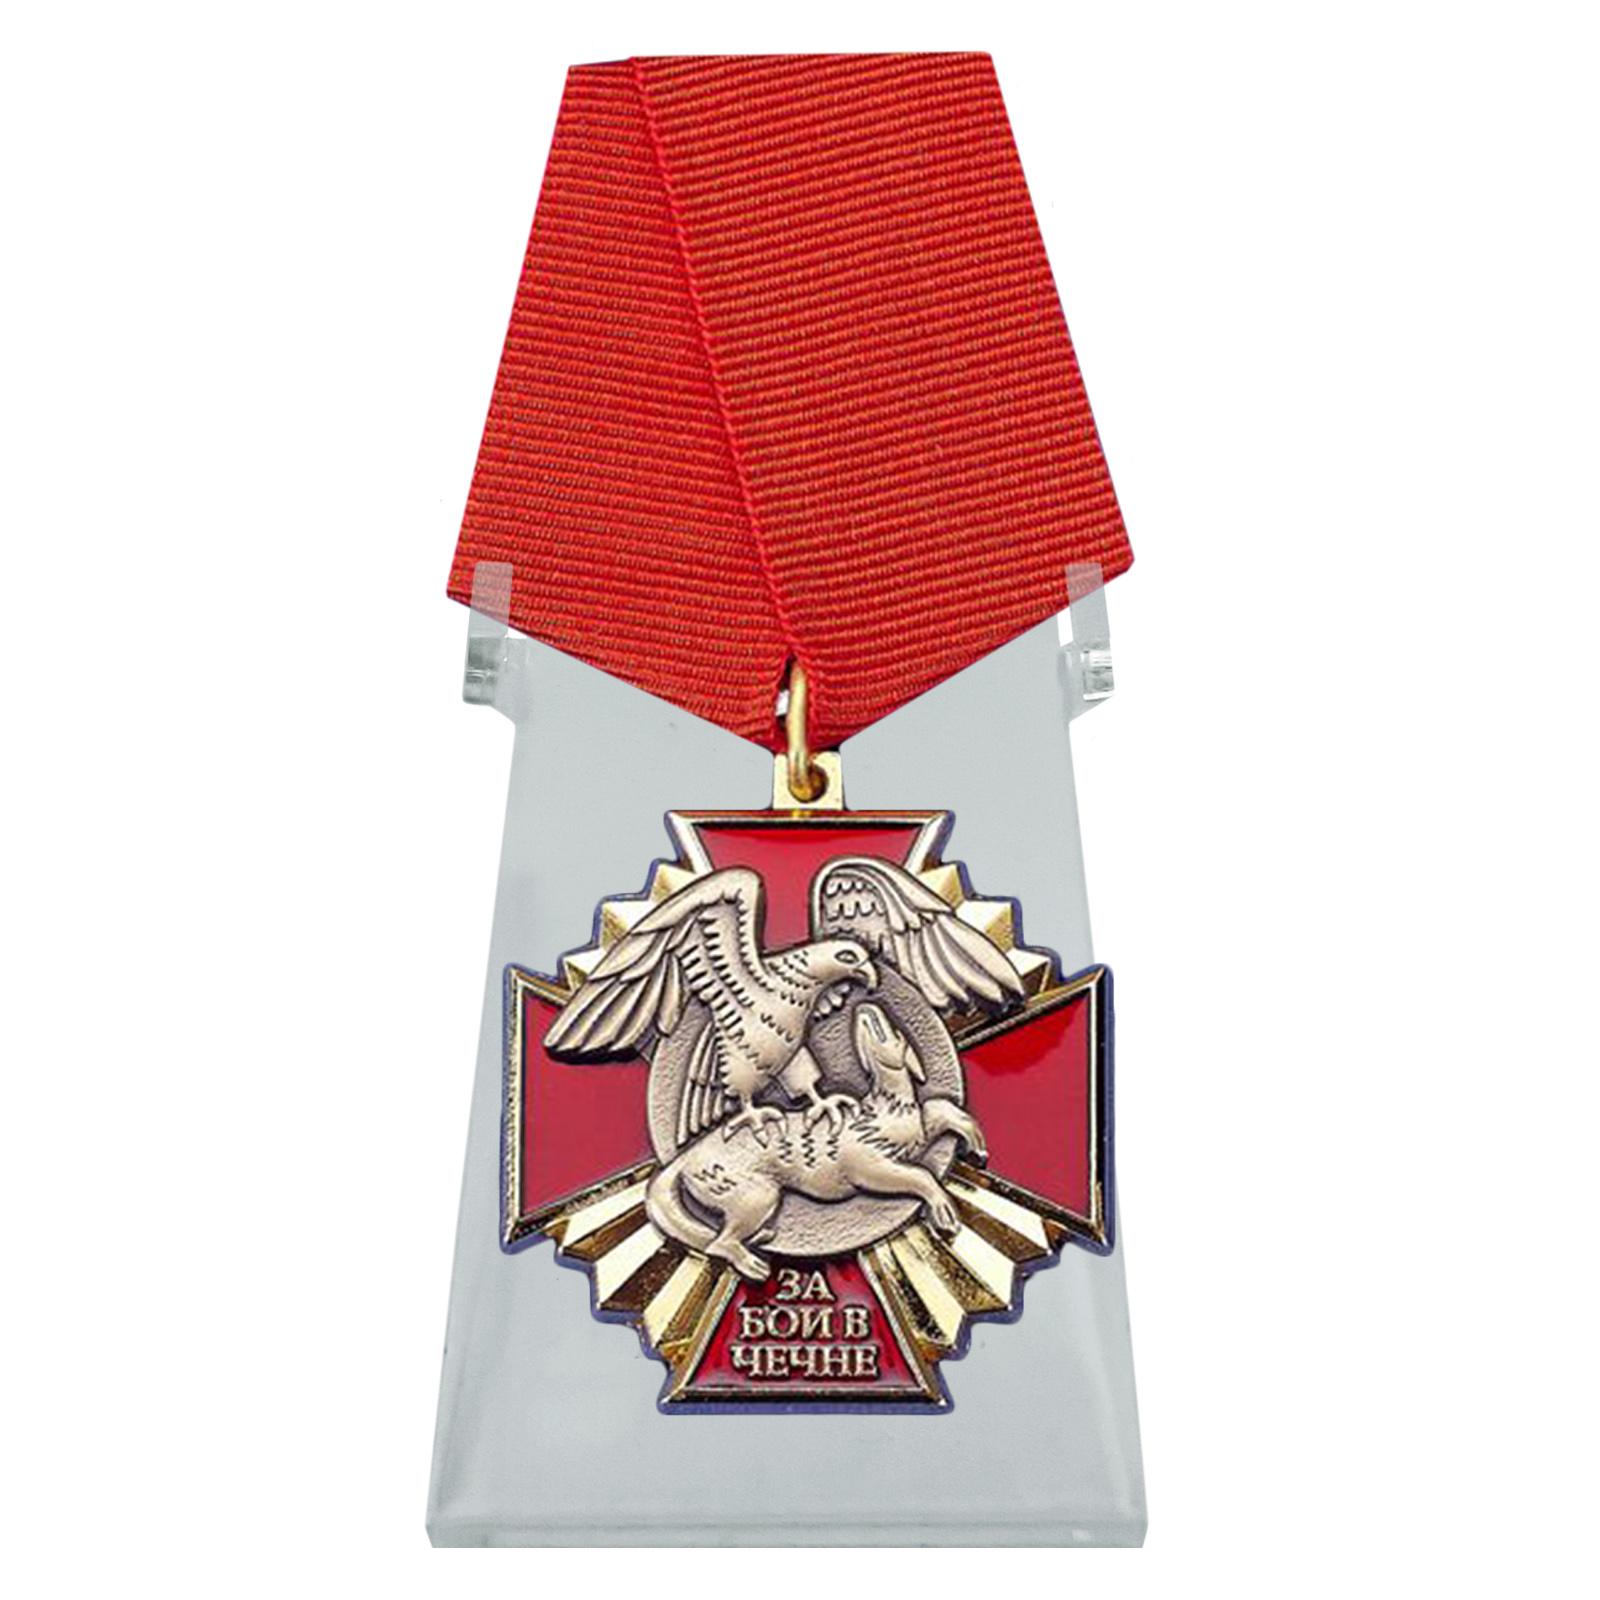 Крест За бои в Чечне на подставке